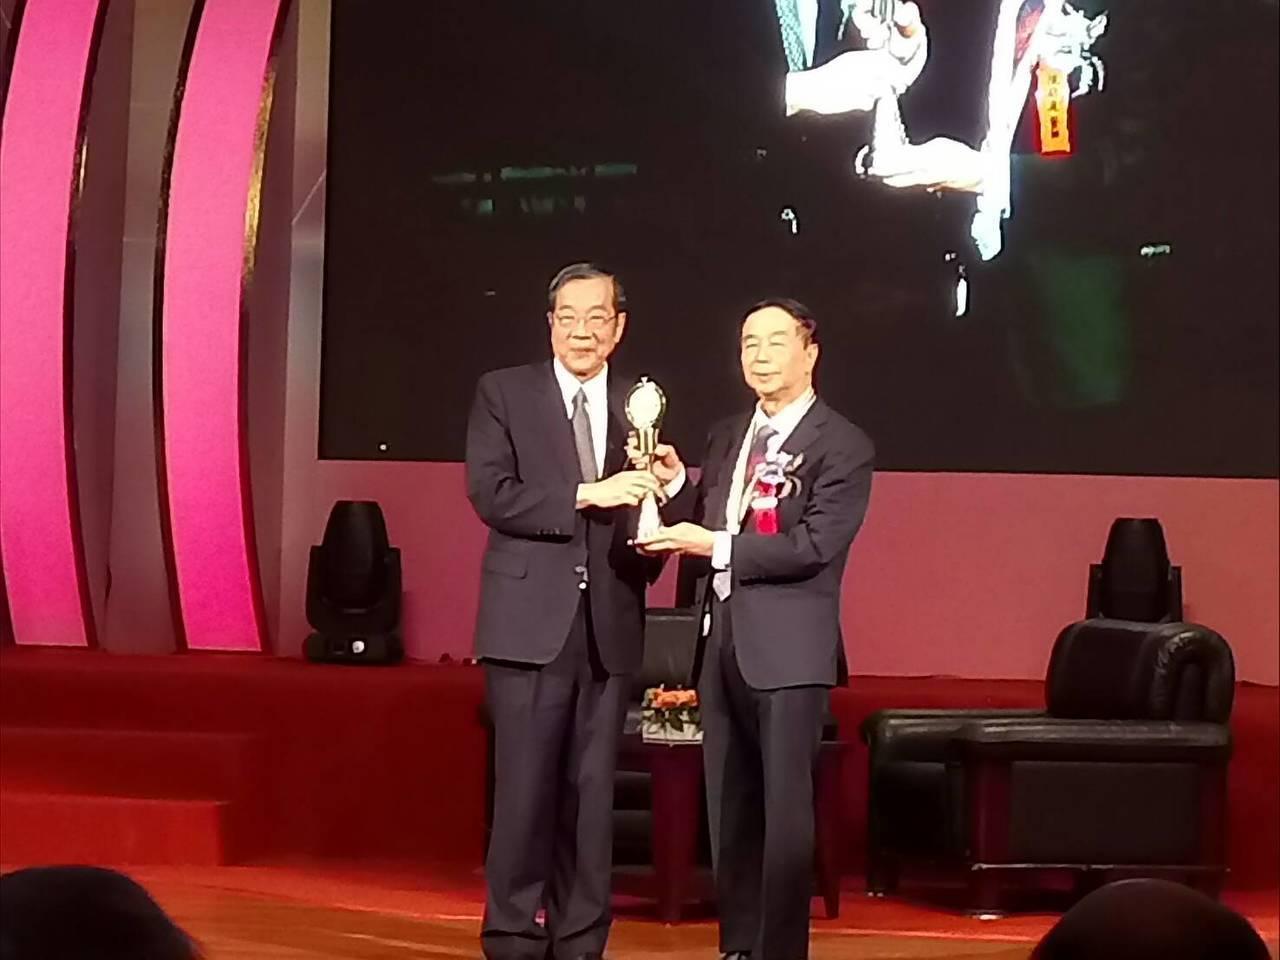 第28屆醫療奉獻獎今頒獎,人稱台灣整形外科教父的陳明庭是今年第28屆個人醫療奉獻...